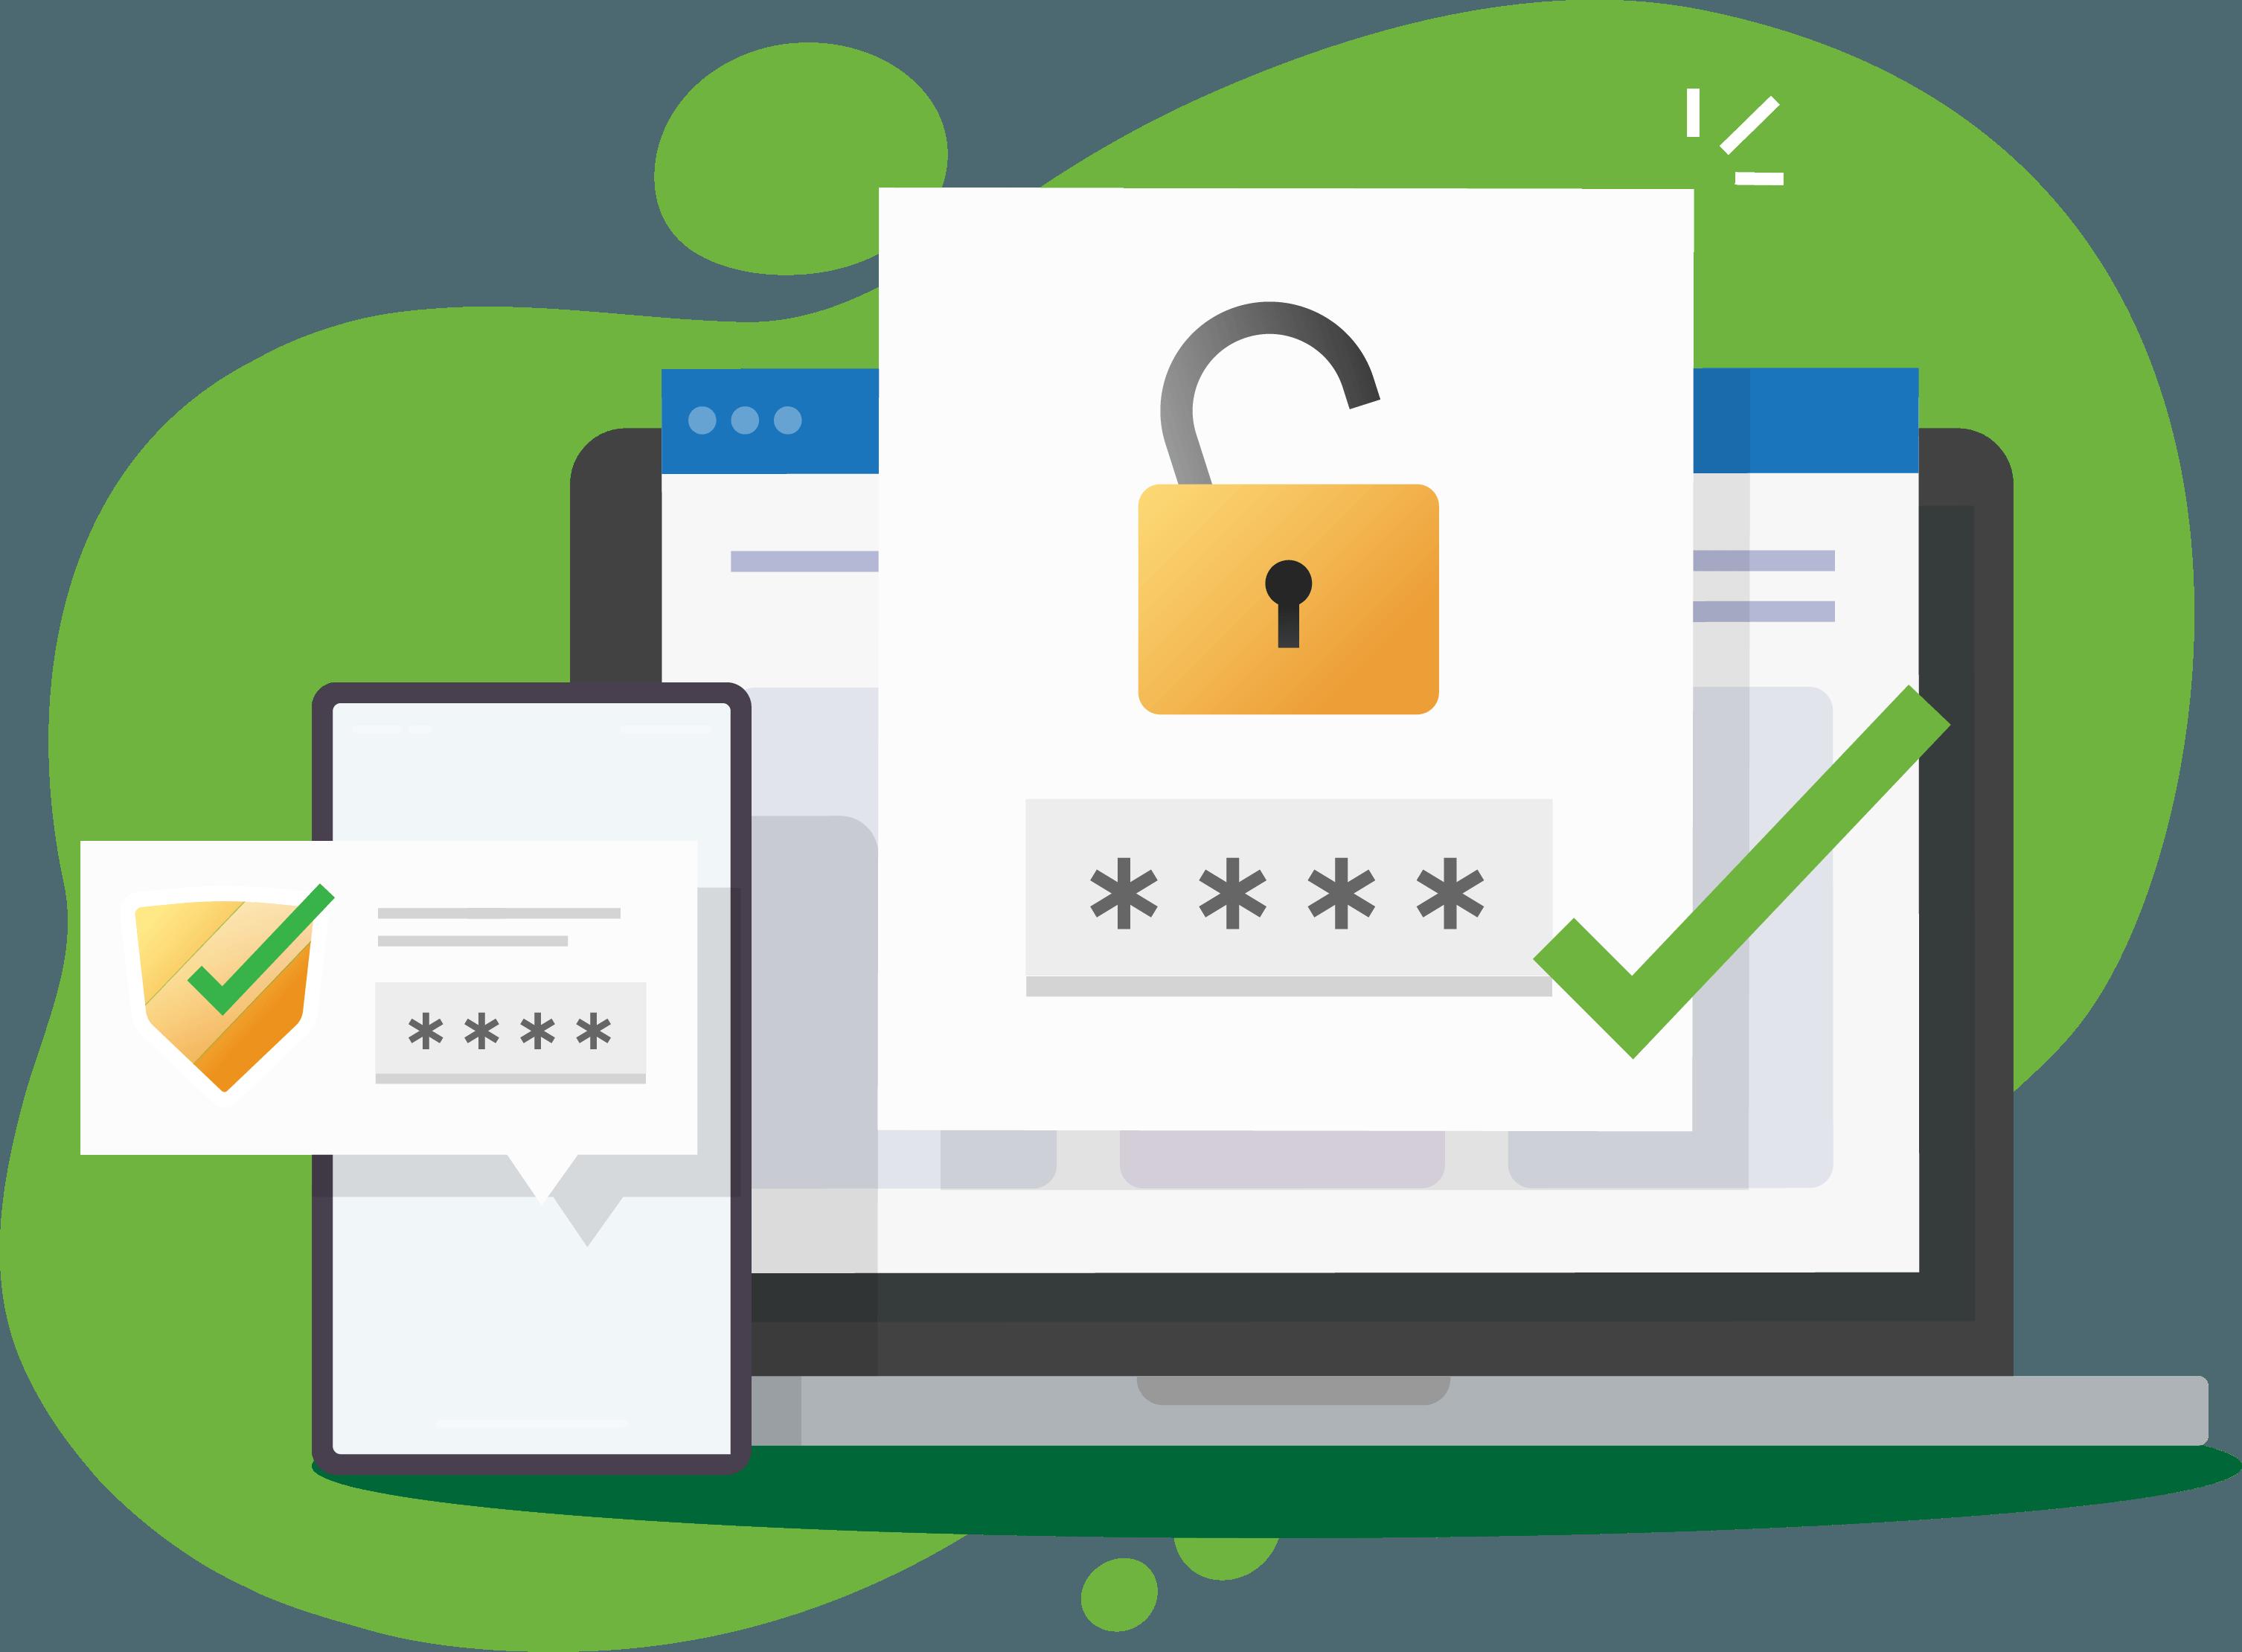 Mitä tarkoittaa MFA eli Multi-Factor Authentication?